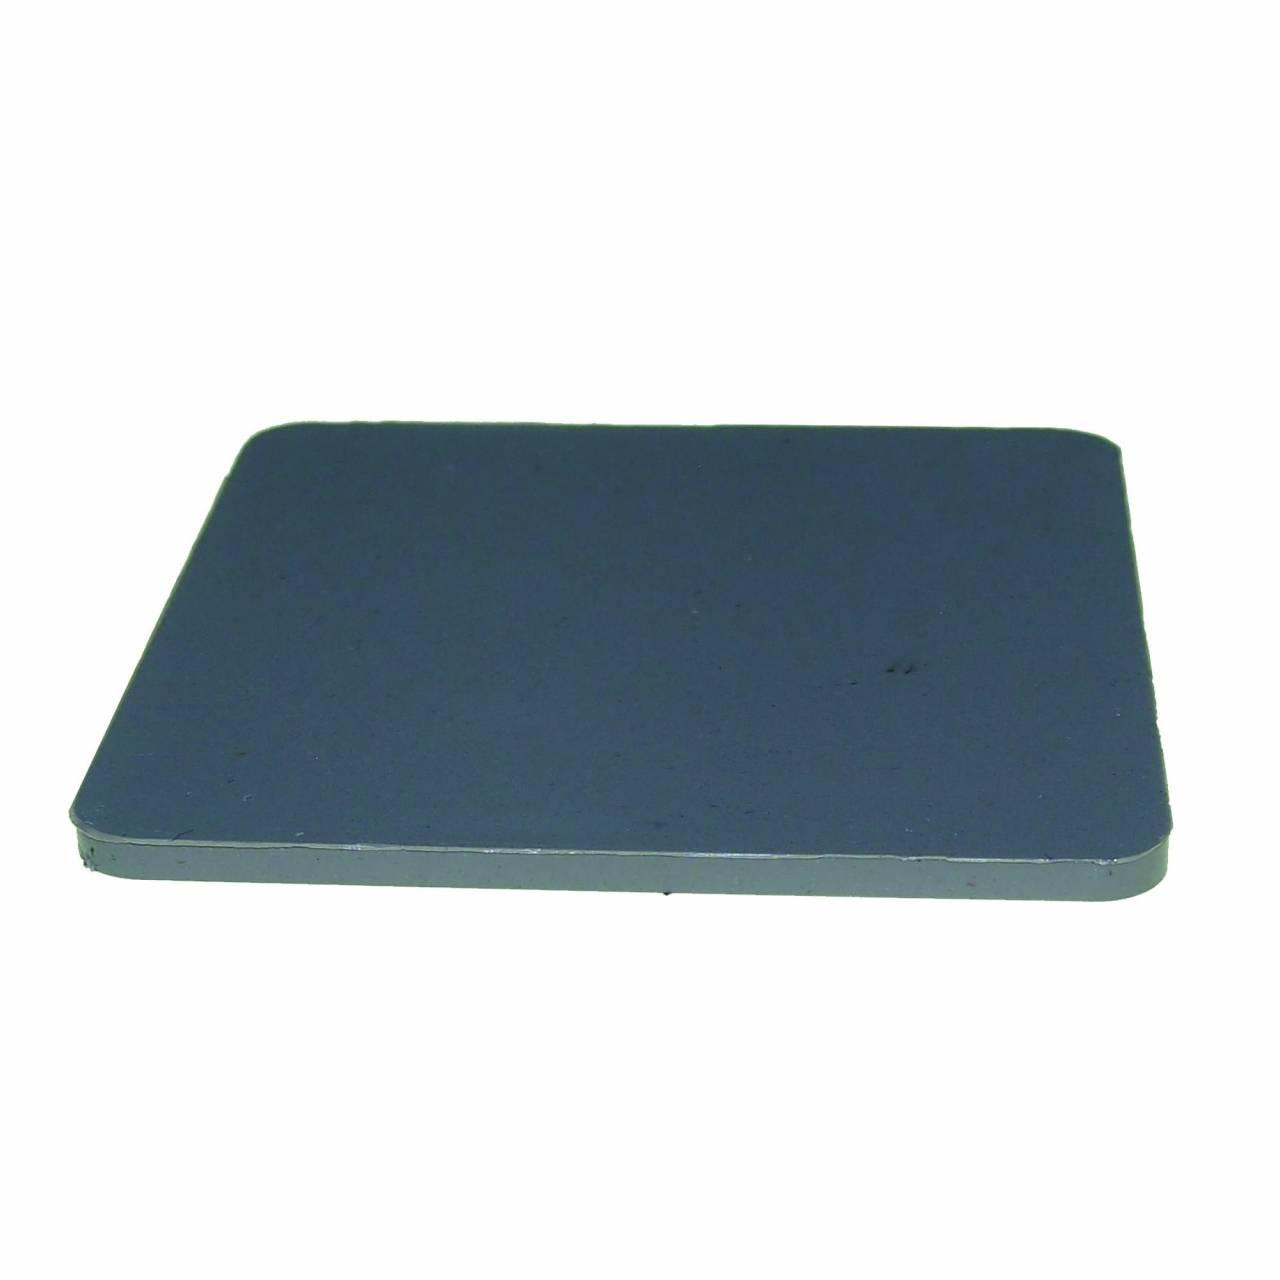 Montageplatten 70 x 70 x 3 mm, ohne Schlitz / Sack a 1000 Stück